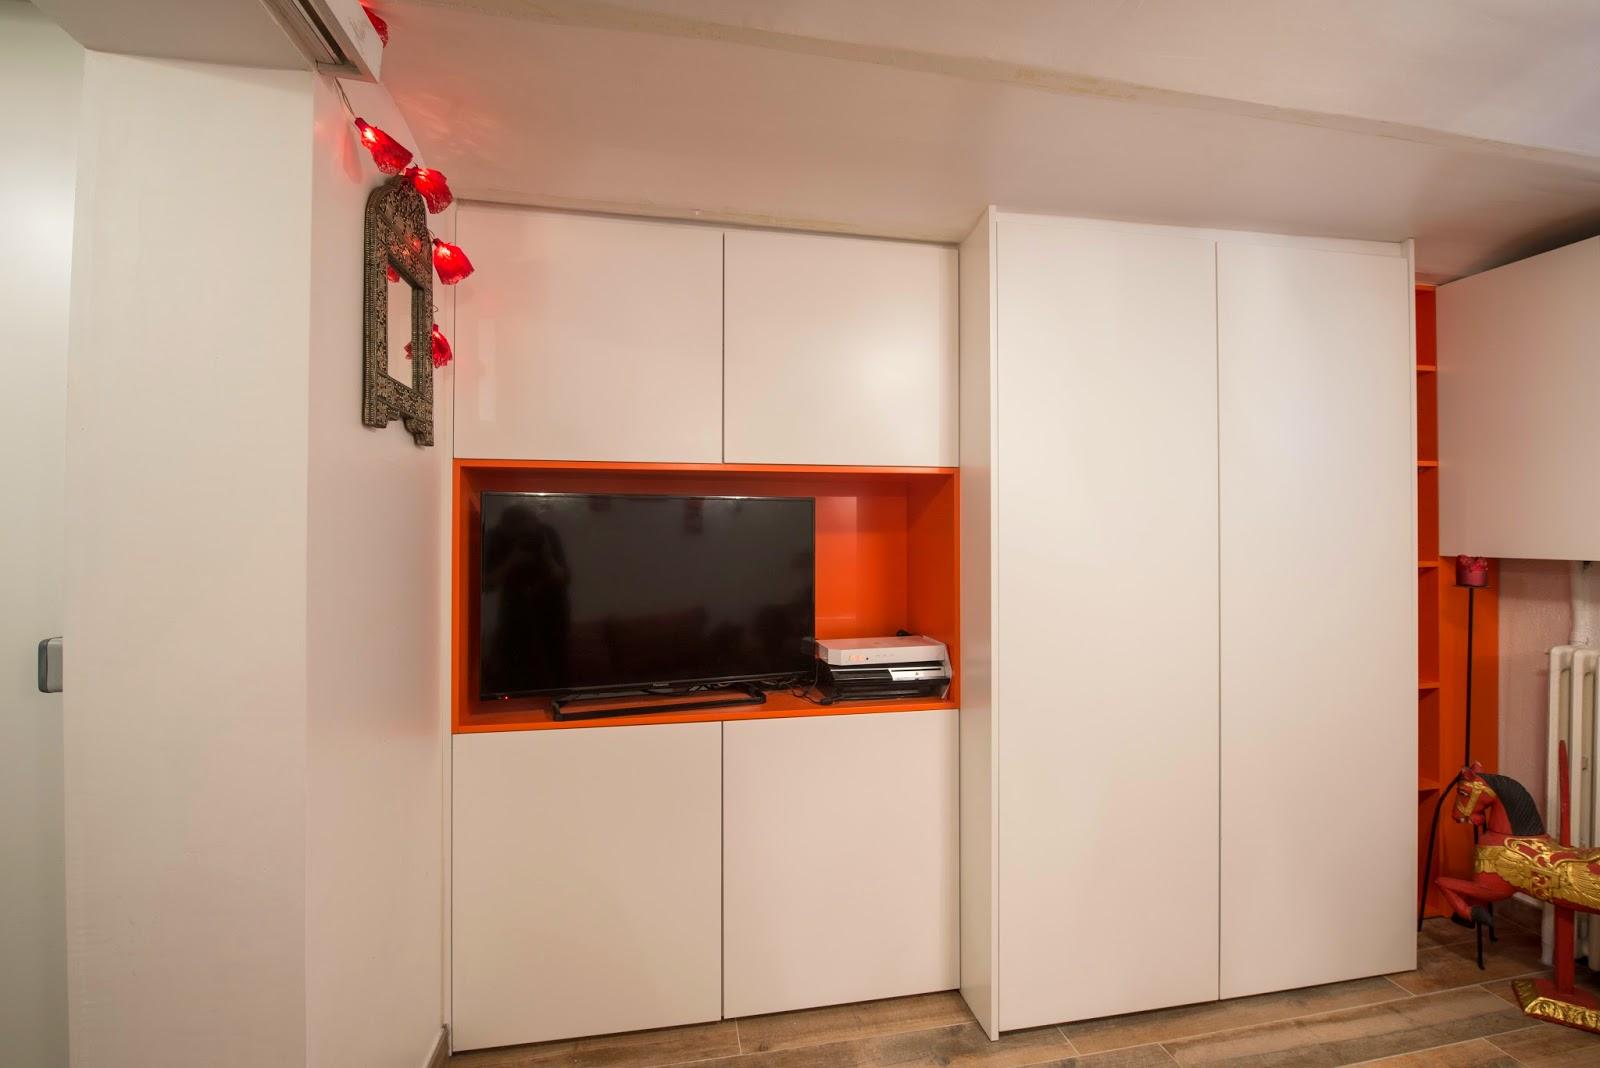 adc l 39 atelier d 39 c t am nagement int rieur design d 39 espace et d coration r novation d 39 une. Black Bedroom Furniture Sets. Home Design Ideas